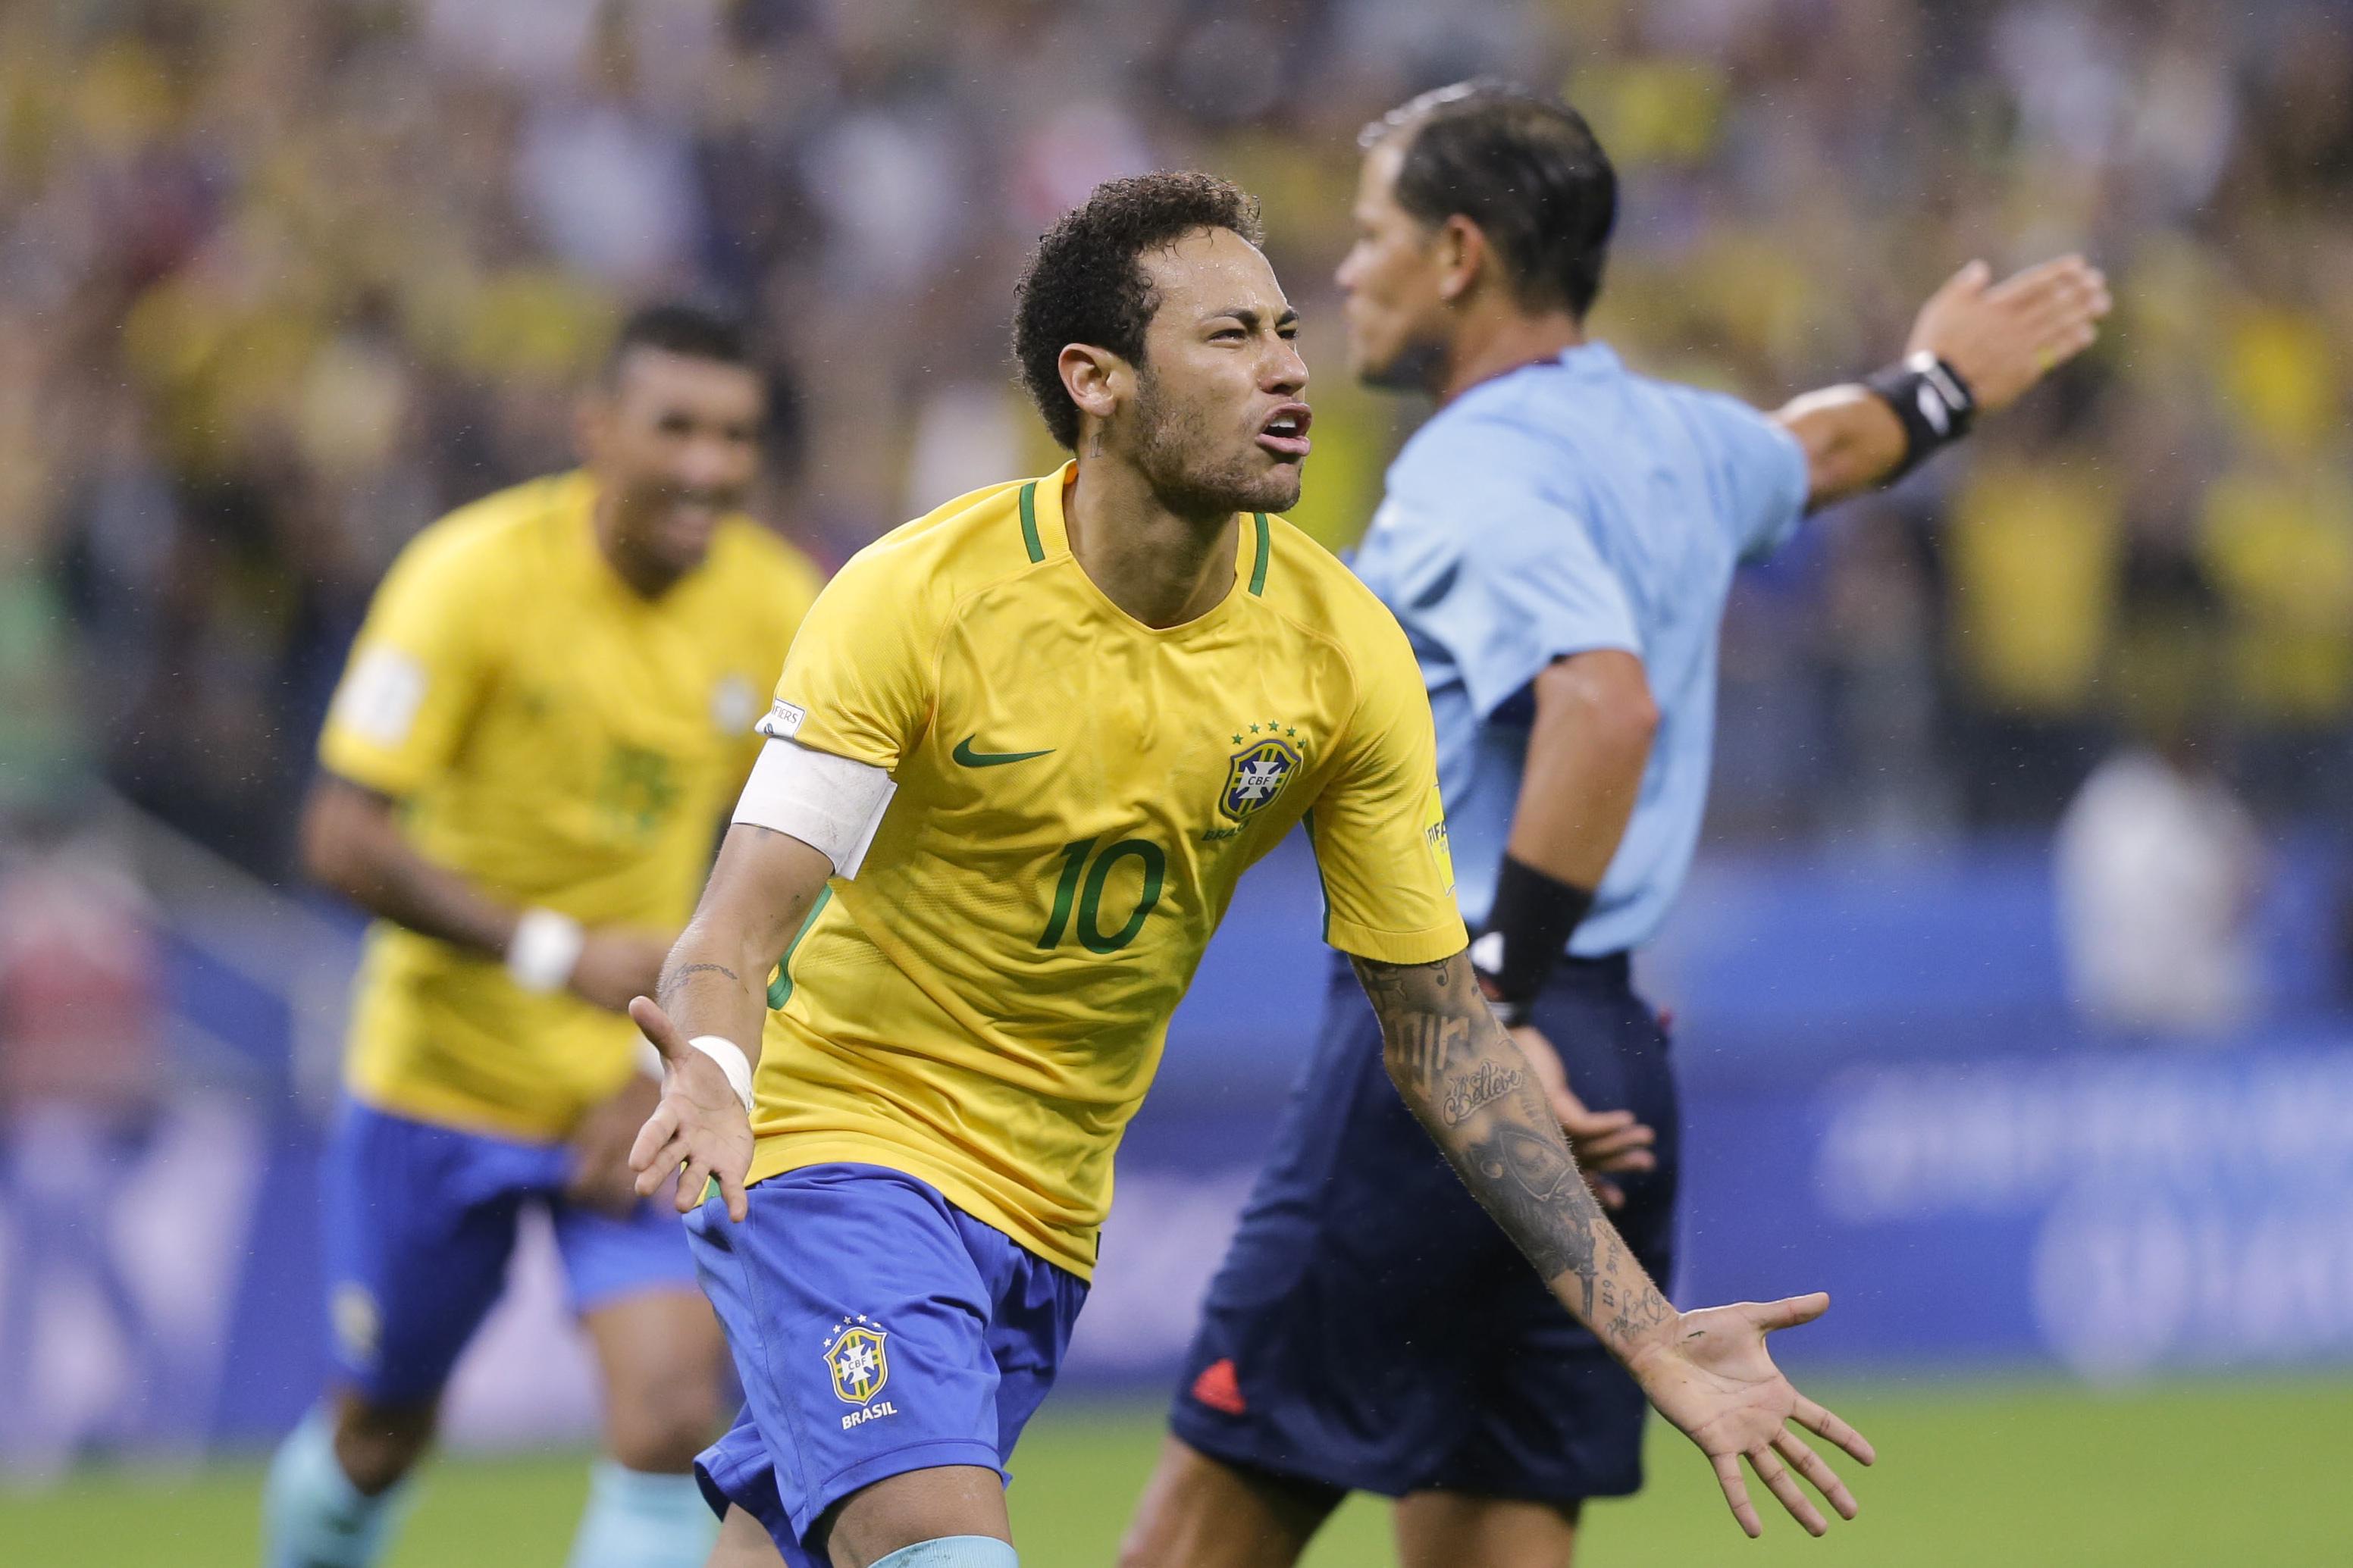 Coupe du monde 2018 le br sil d j qualifi l argentine dans le dur russie 2018 coupe du - Coupe du monde 2018 football ...